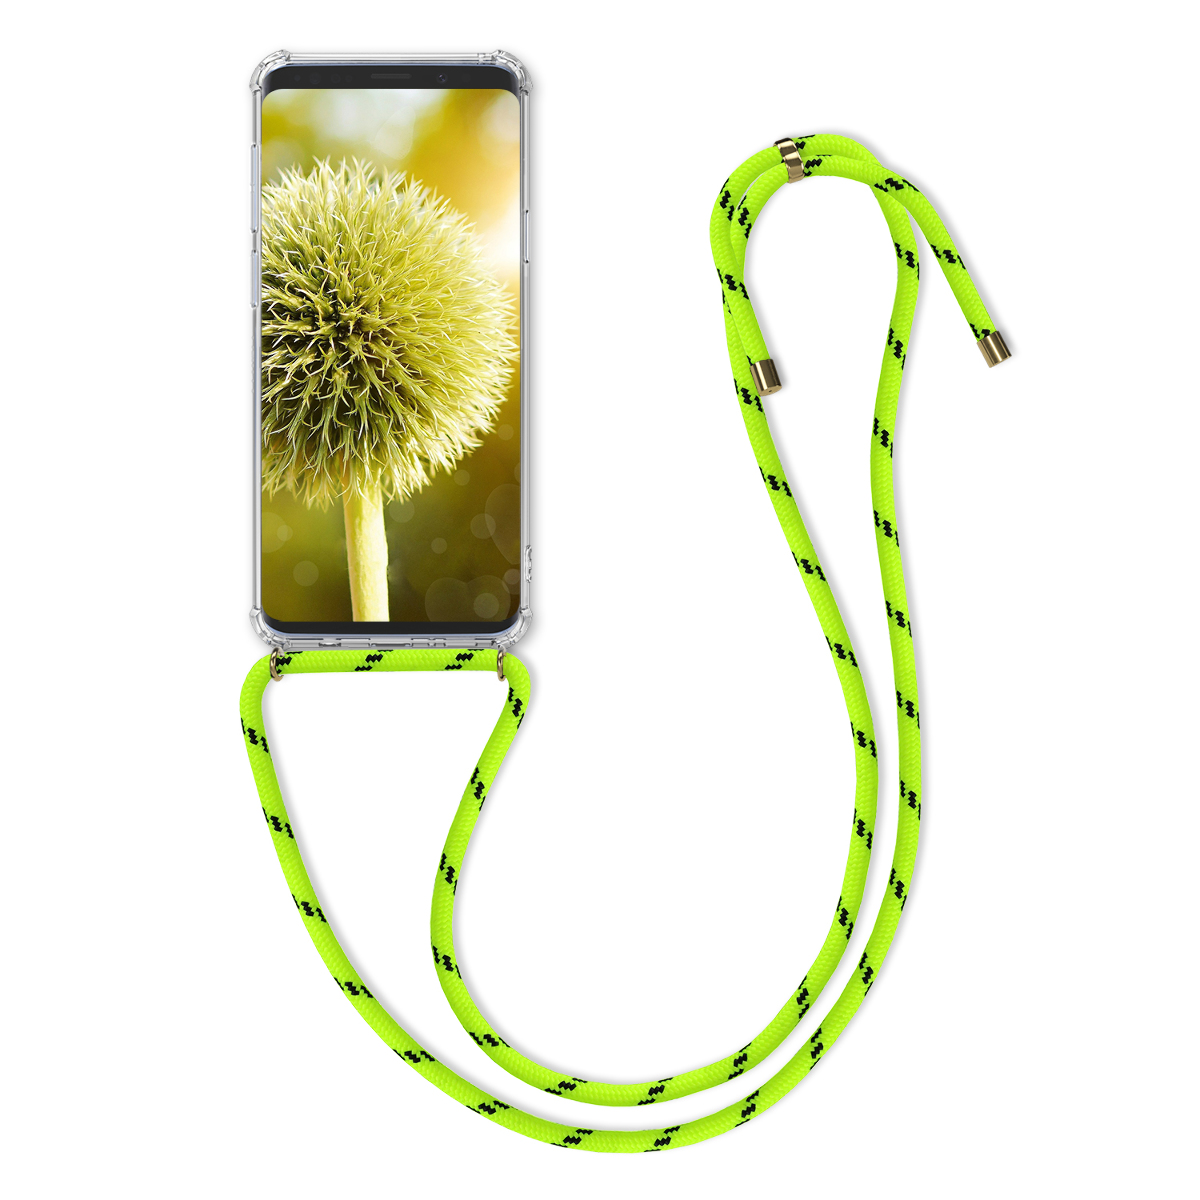 AKCE IHNED! Kvalitní silikonové TPU pouzdro pro Samsung S9 - neonově žluté